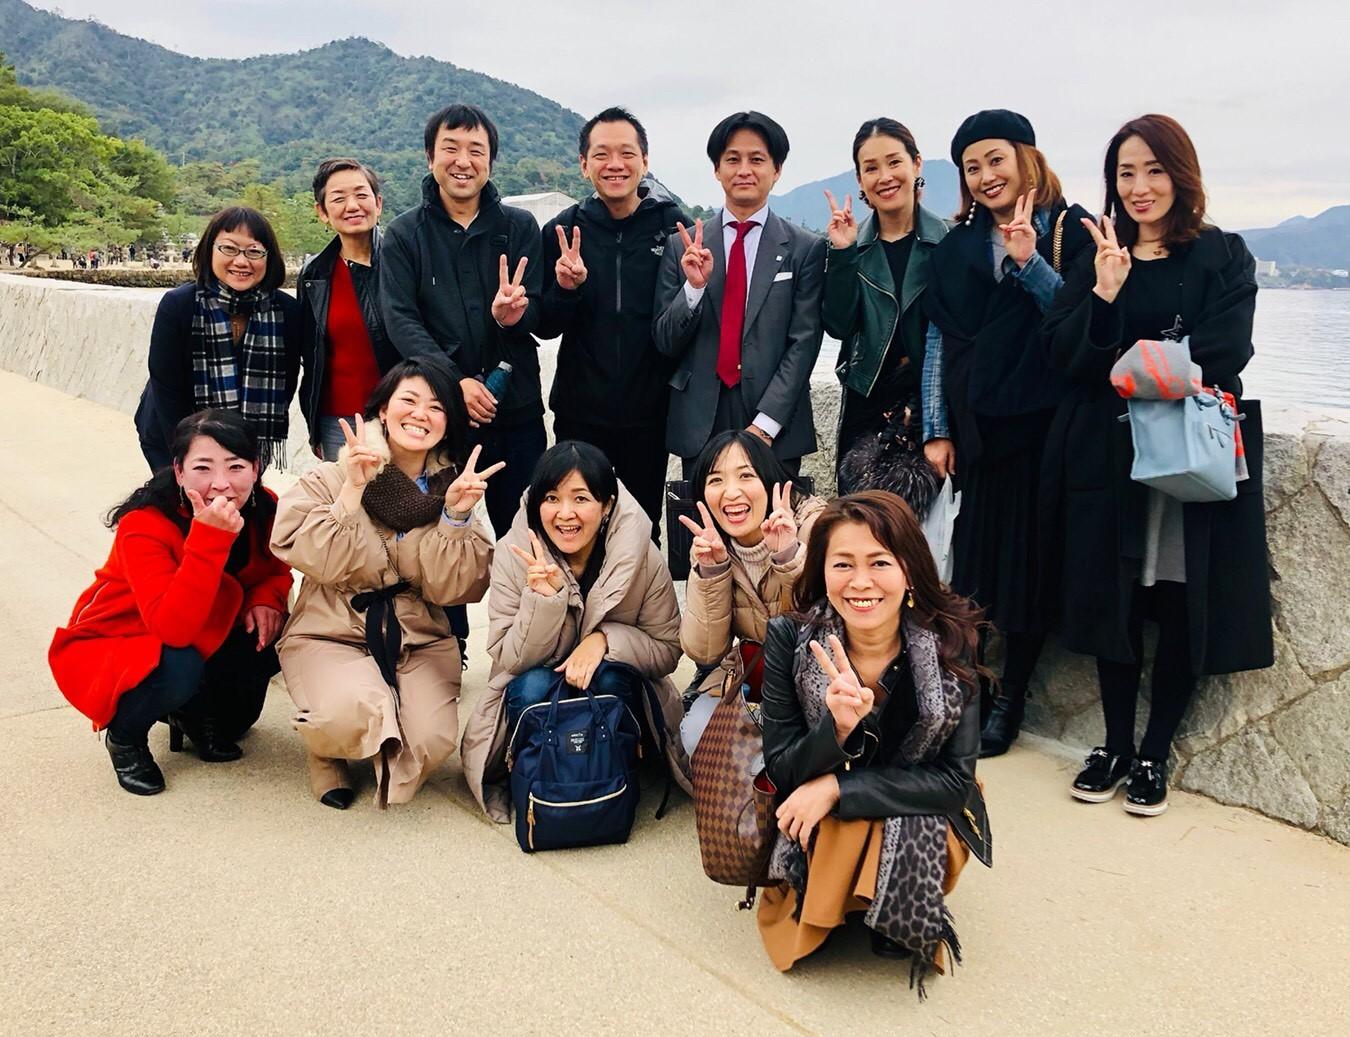 【第24会前田会】秋の紅葉の宮島に行ってきました。